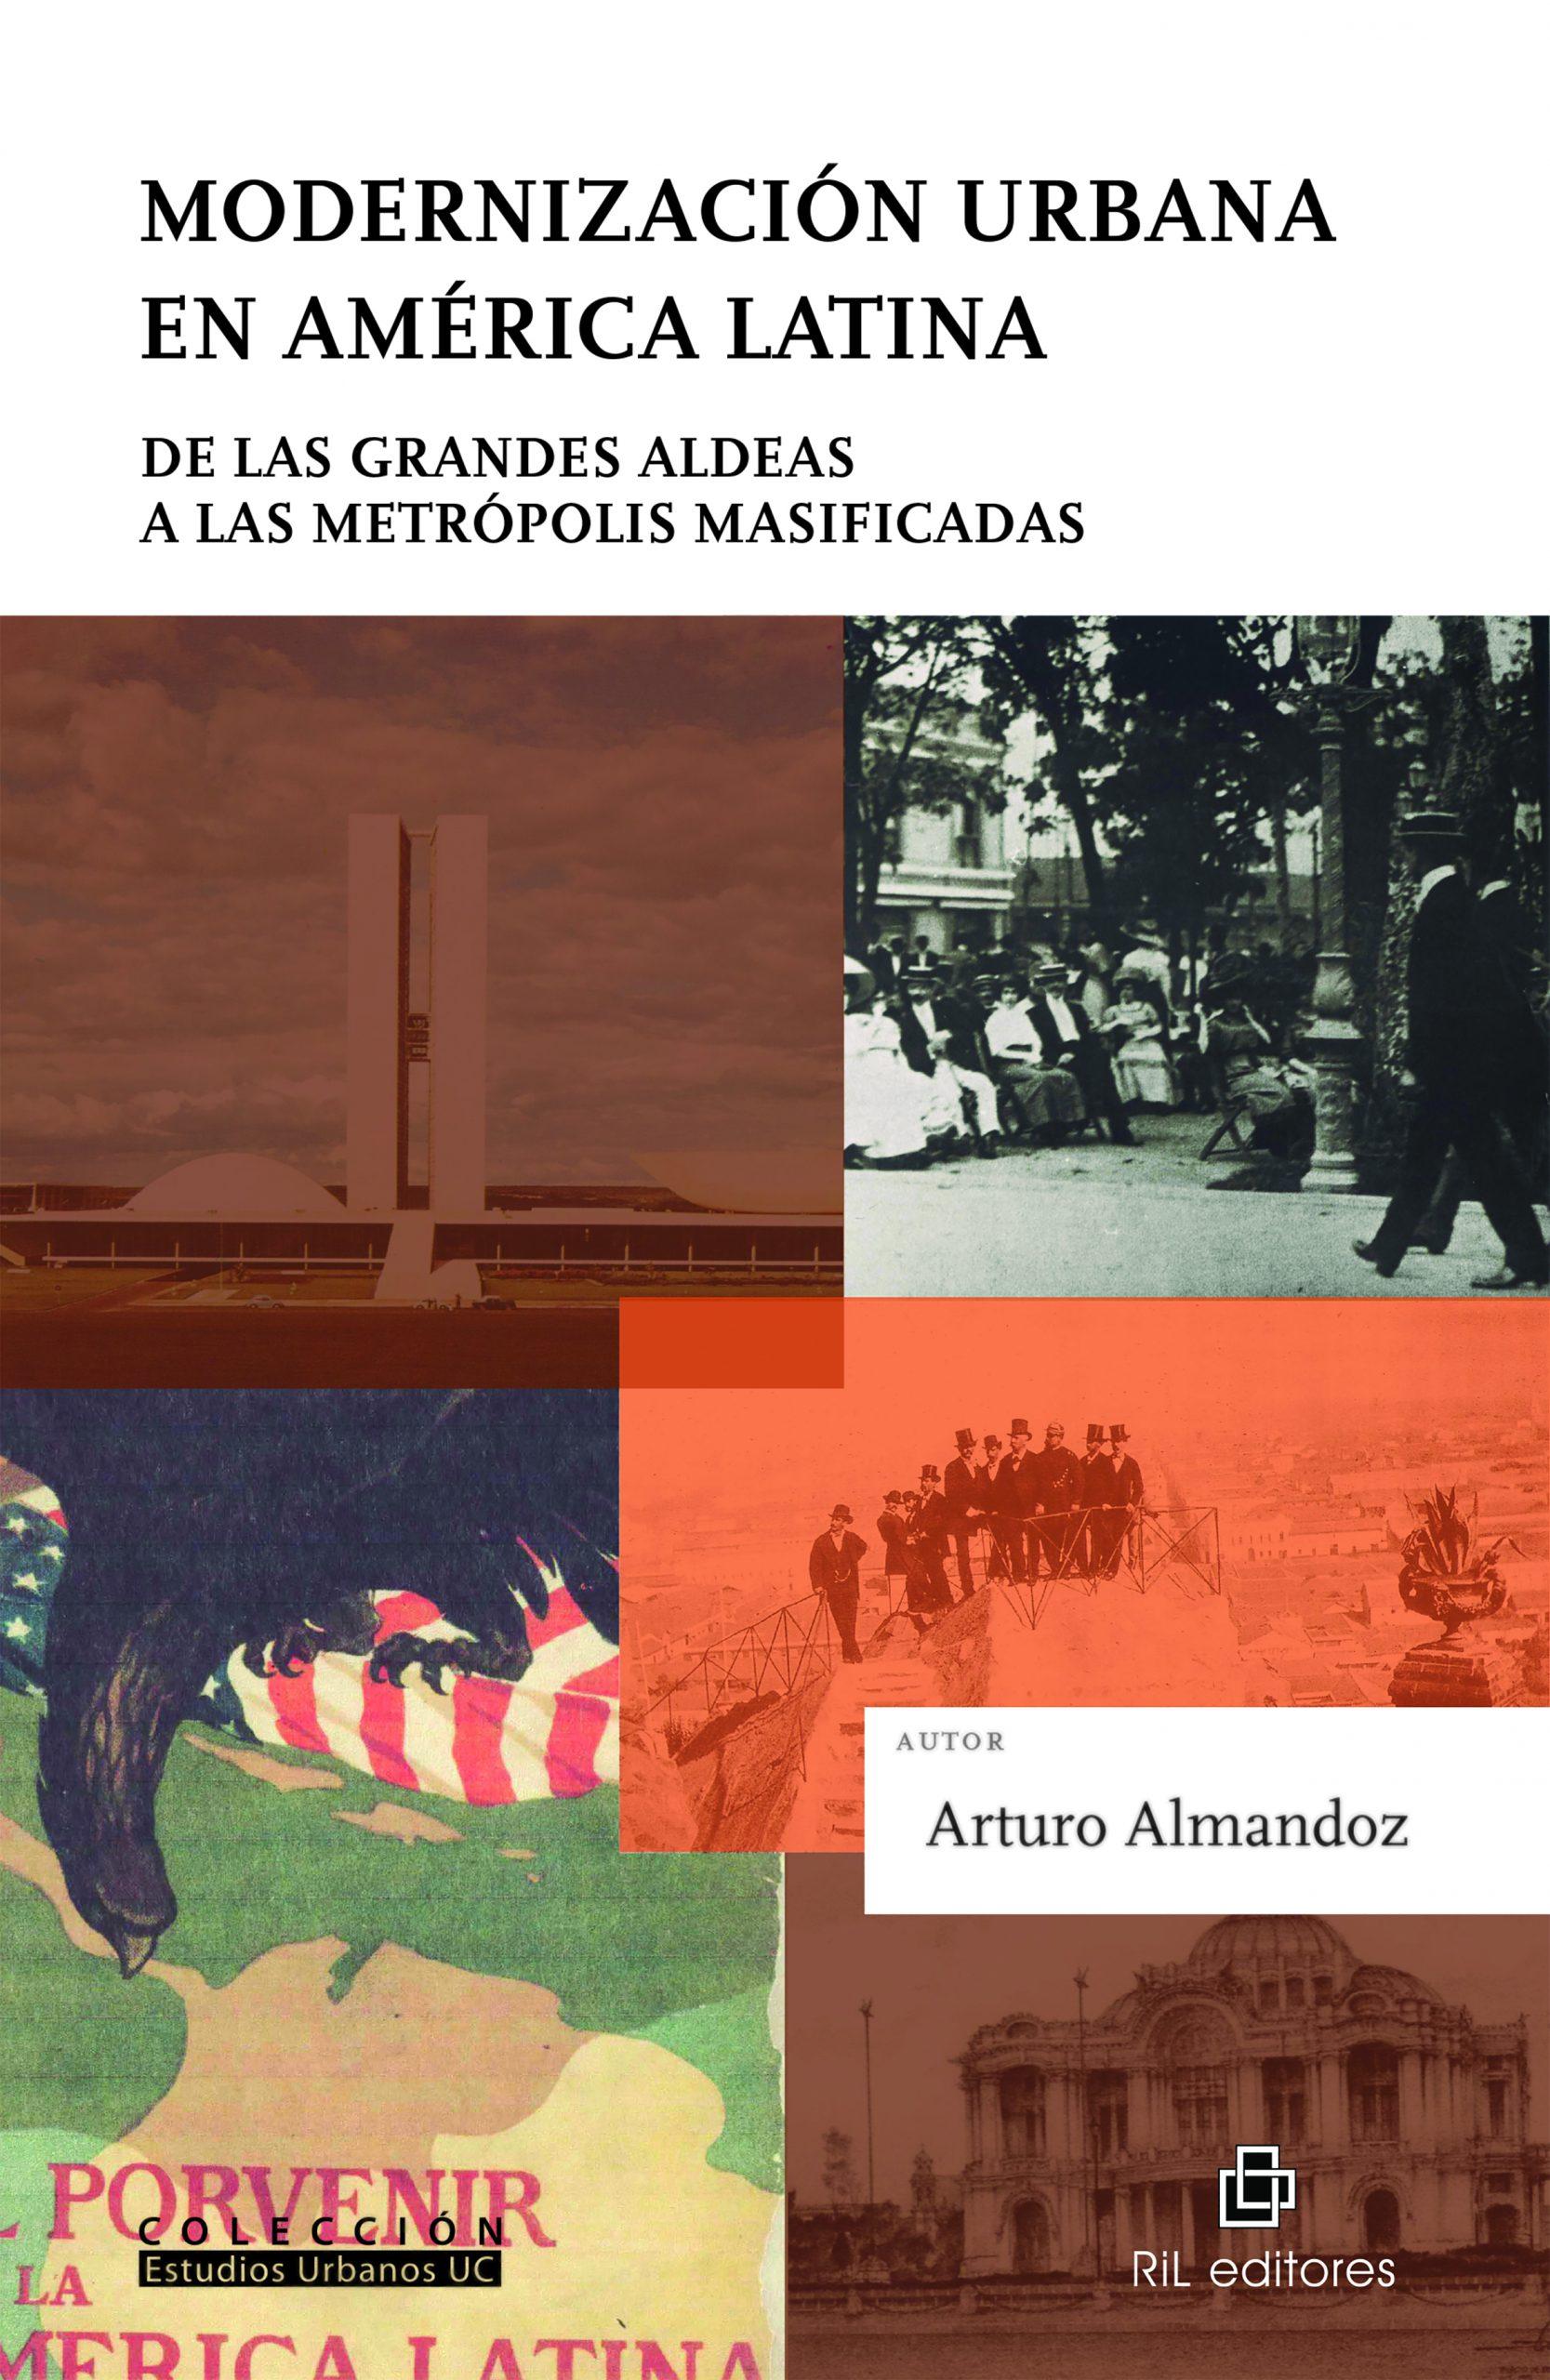 Modernización urbana en América Latina. De las grandes aldeas a las metrópolis masificadas (2018, 2da edición)